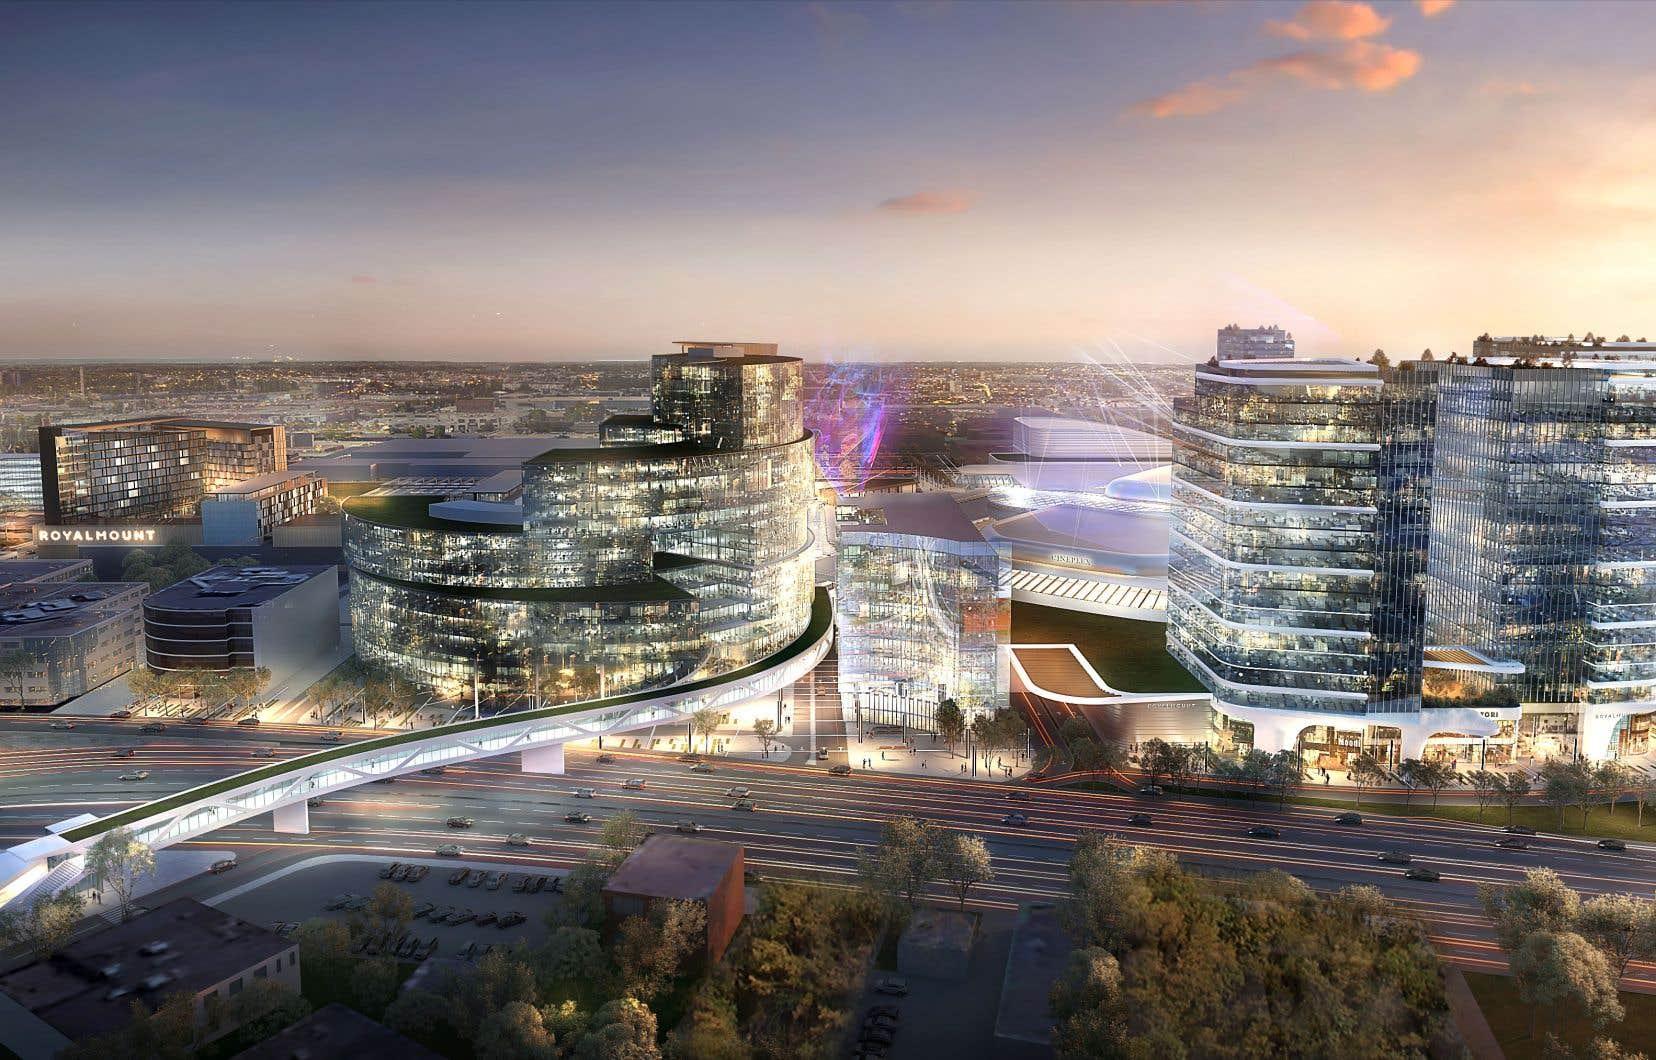 Le projet de CarbonLeo, dans sa version actuelle, n'a rien, ou si peu, d'un développement axé sur les transports collectifs et actifs, et ce, malgré sa densité et la proximité de la station de métro De la Savane.